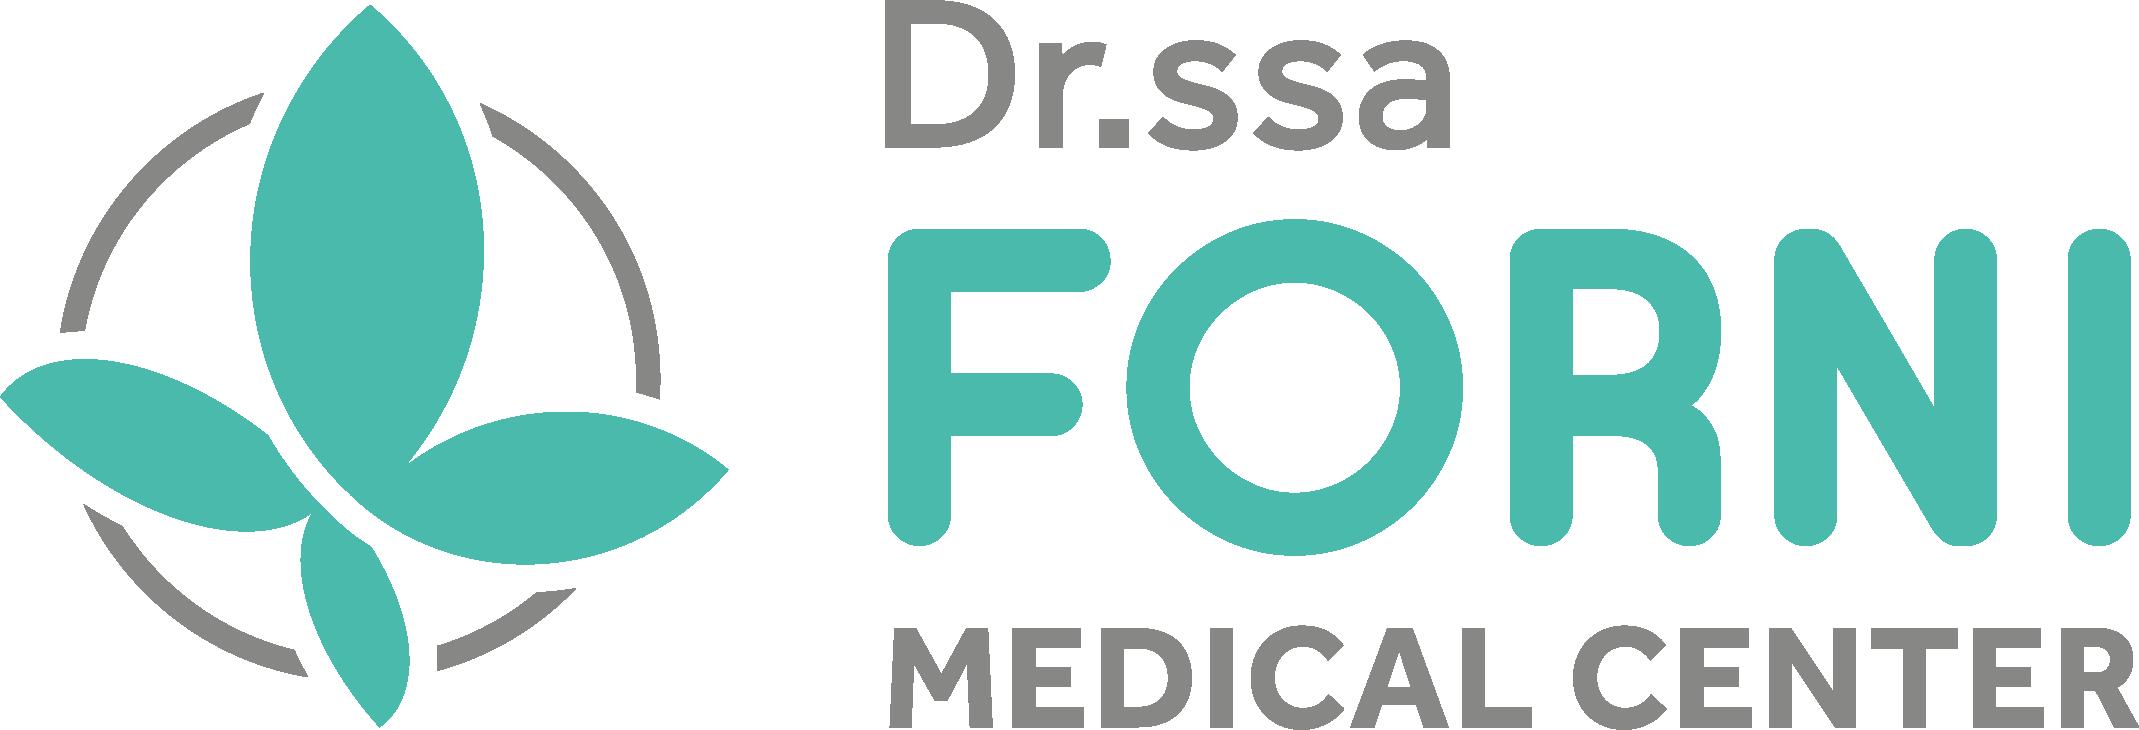 Dr.ssa Forni Medical Center